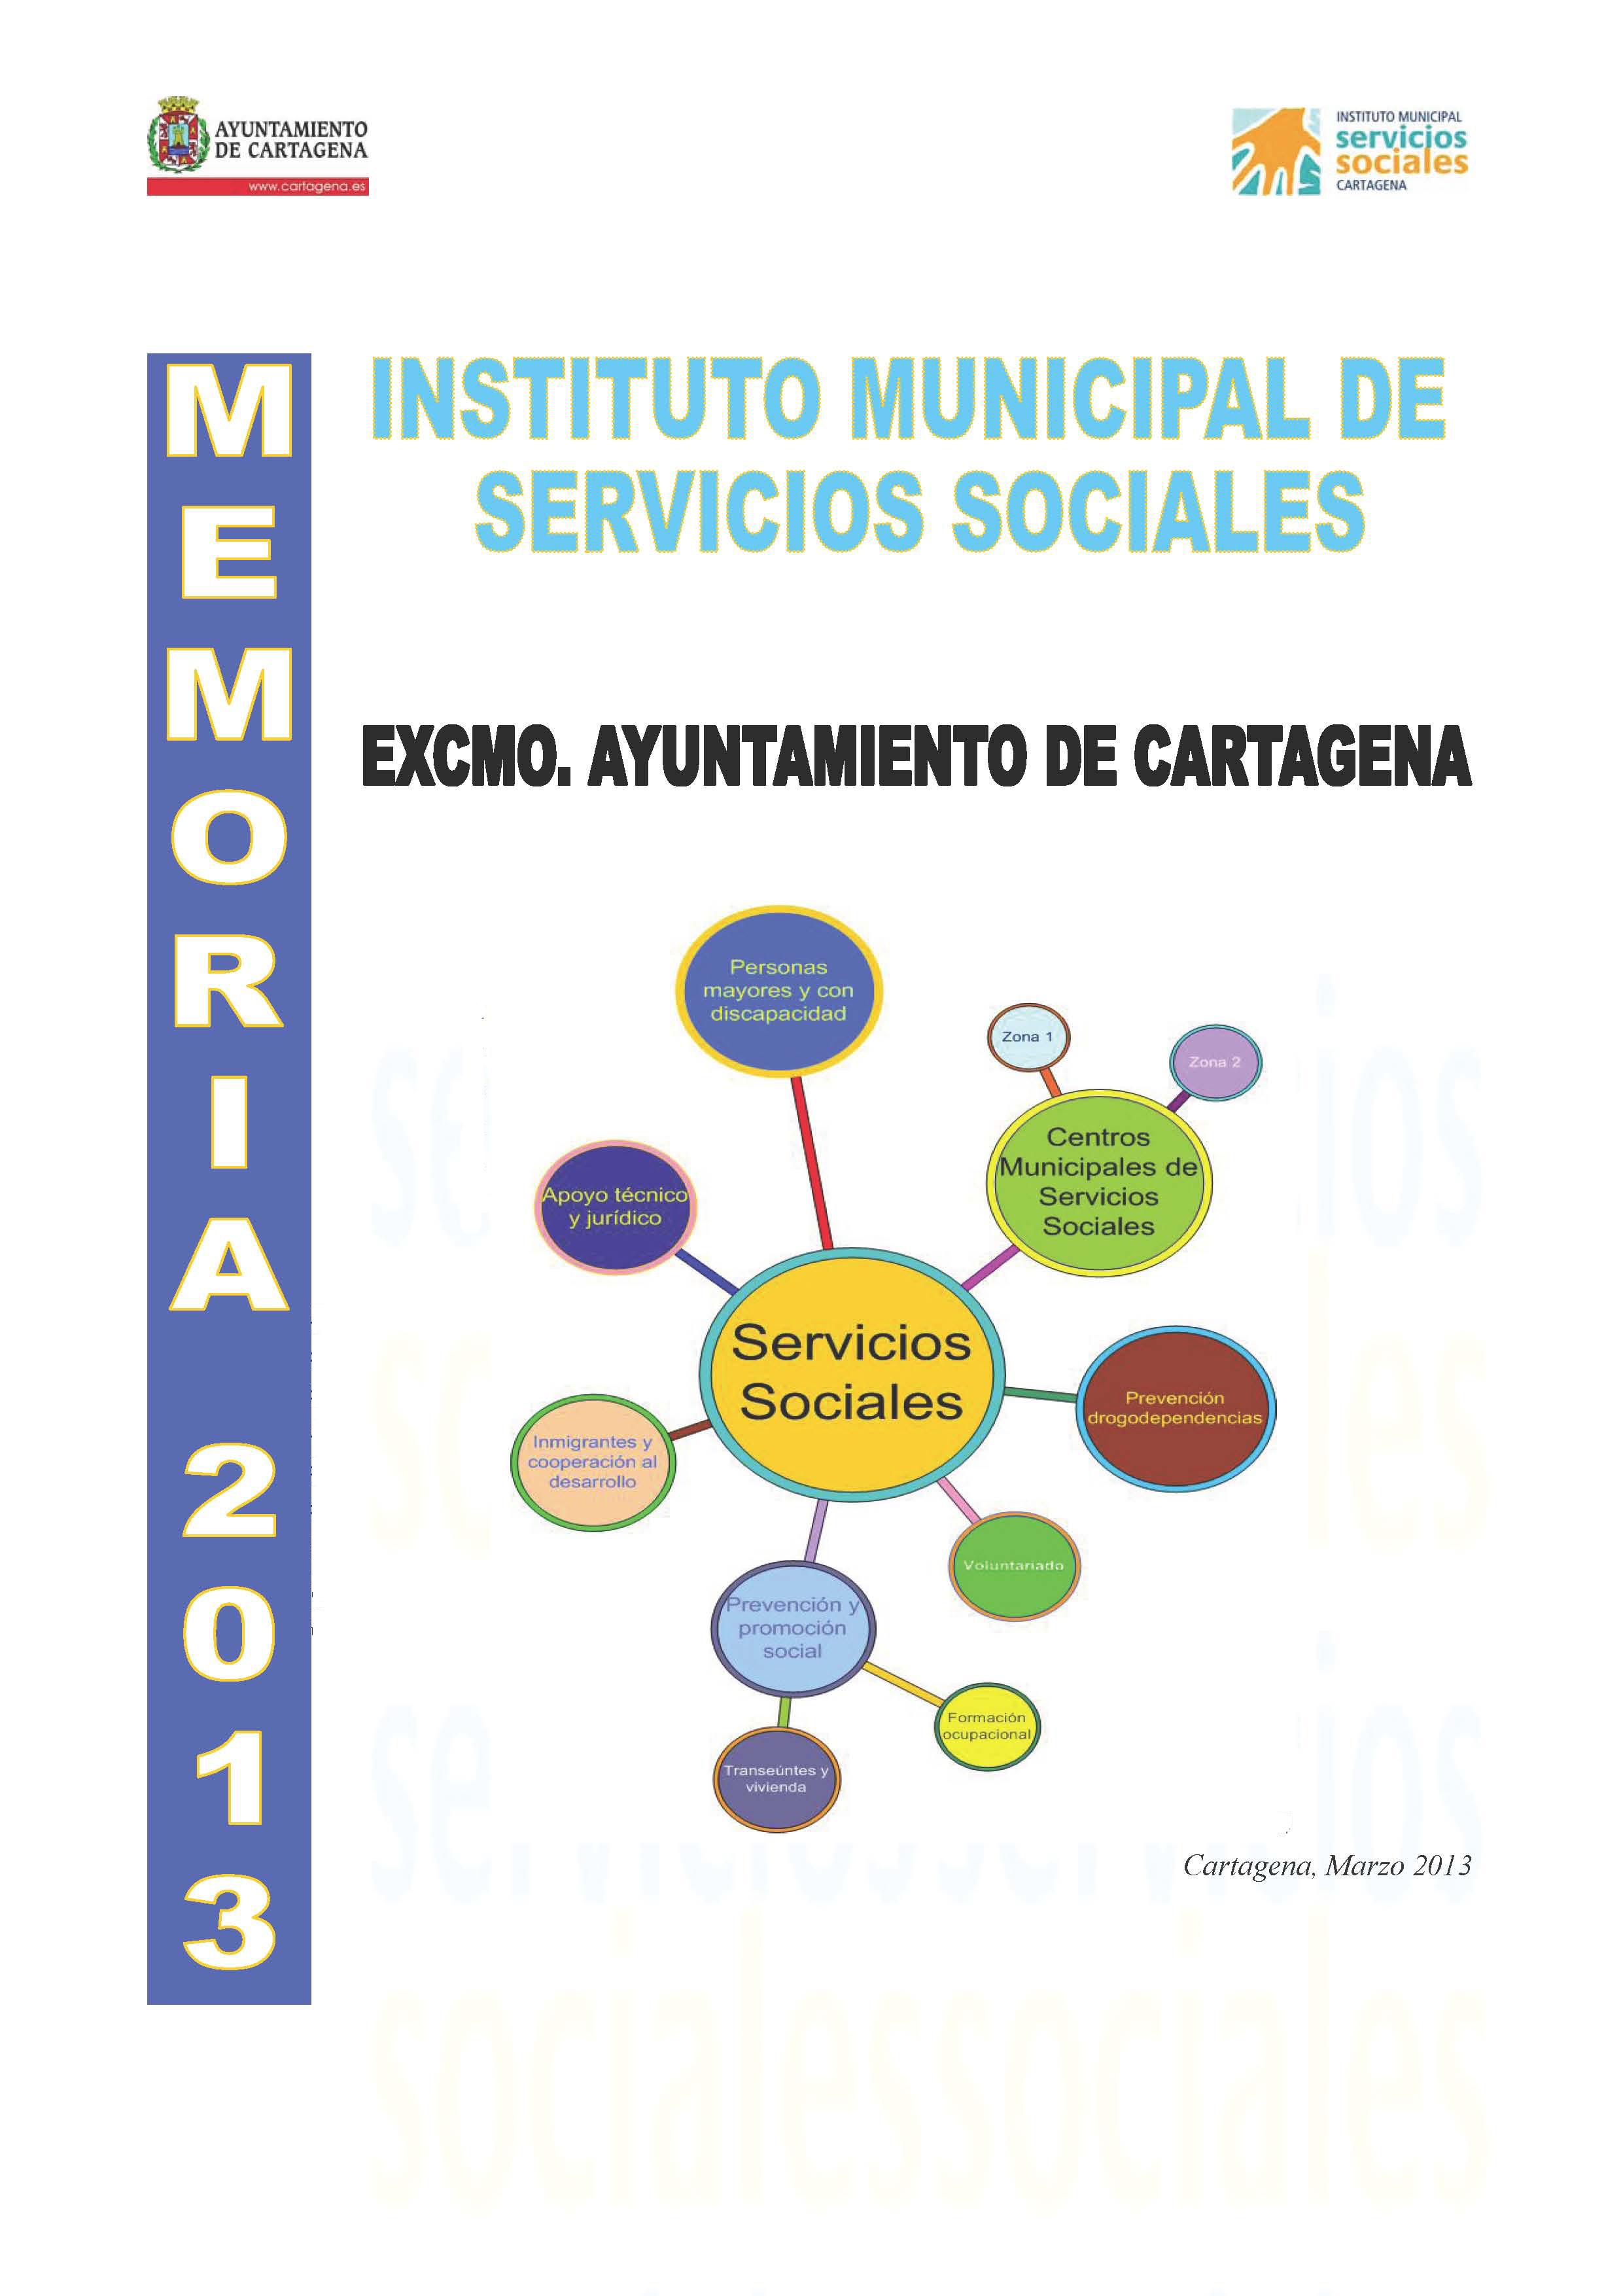 Memoria del Instituto Municipal de Servicios Sociales 2013. Documento PDF - 2,58 MB. Se abre en ventana nueva